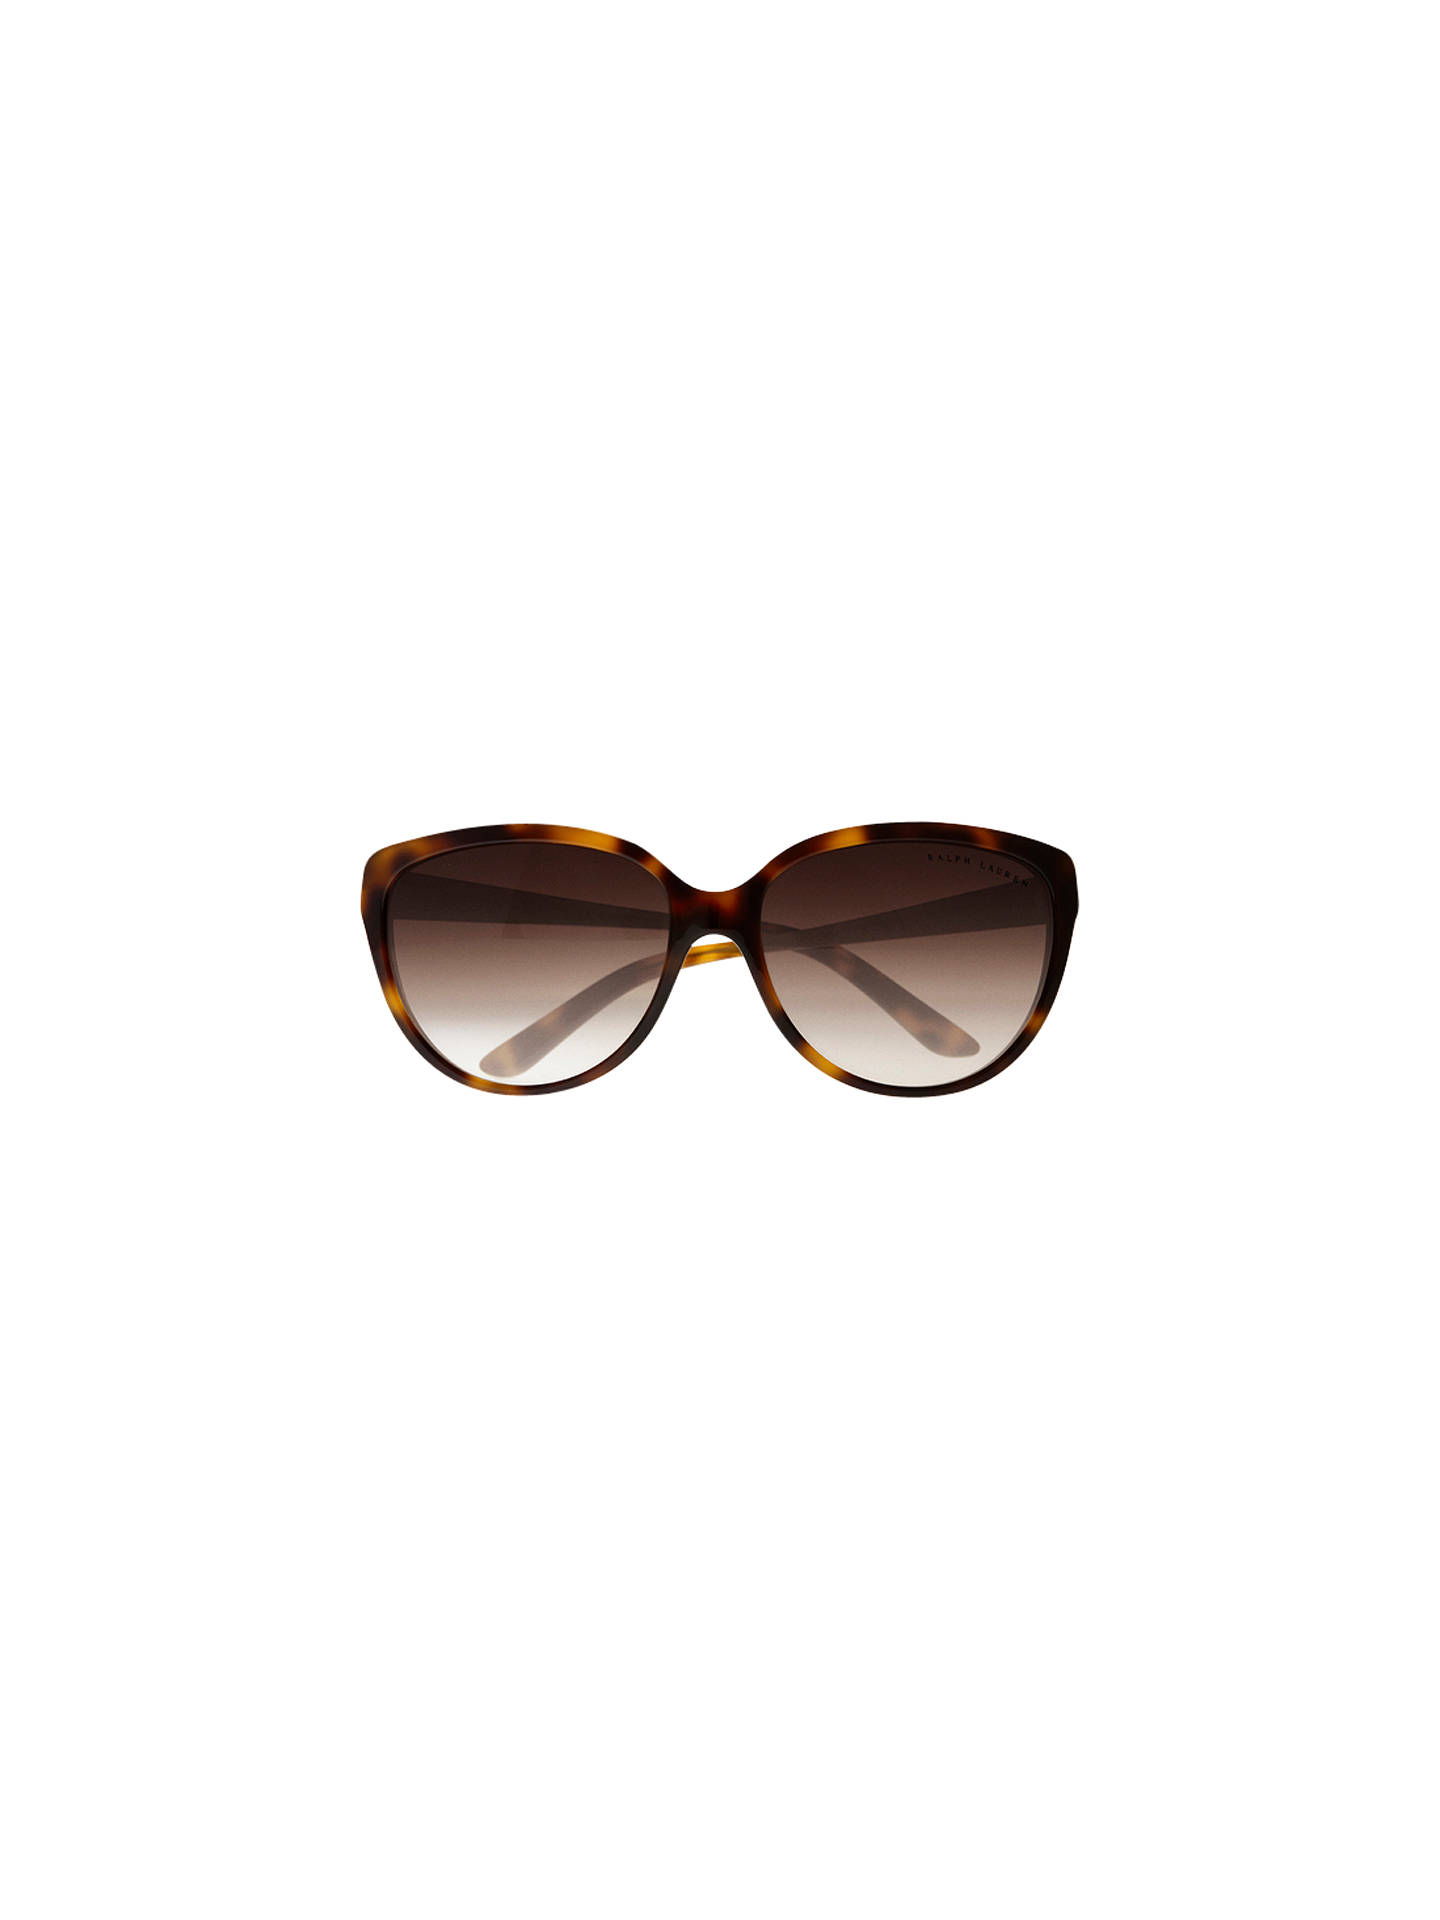 c2a6dde07a5 ... BuyRalph Lauren RL8079 Script Logo Cats-Eye Sunglasses